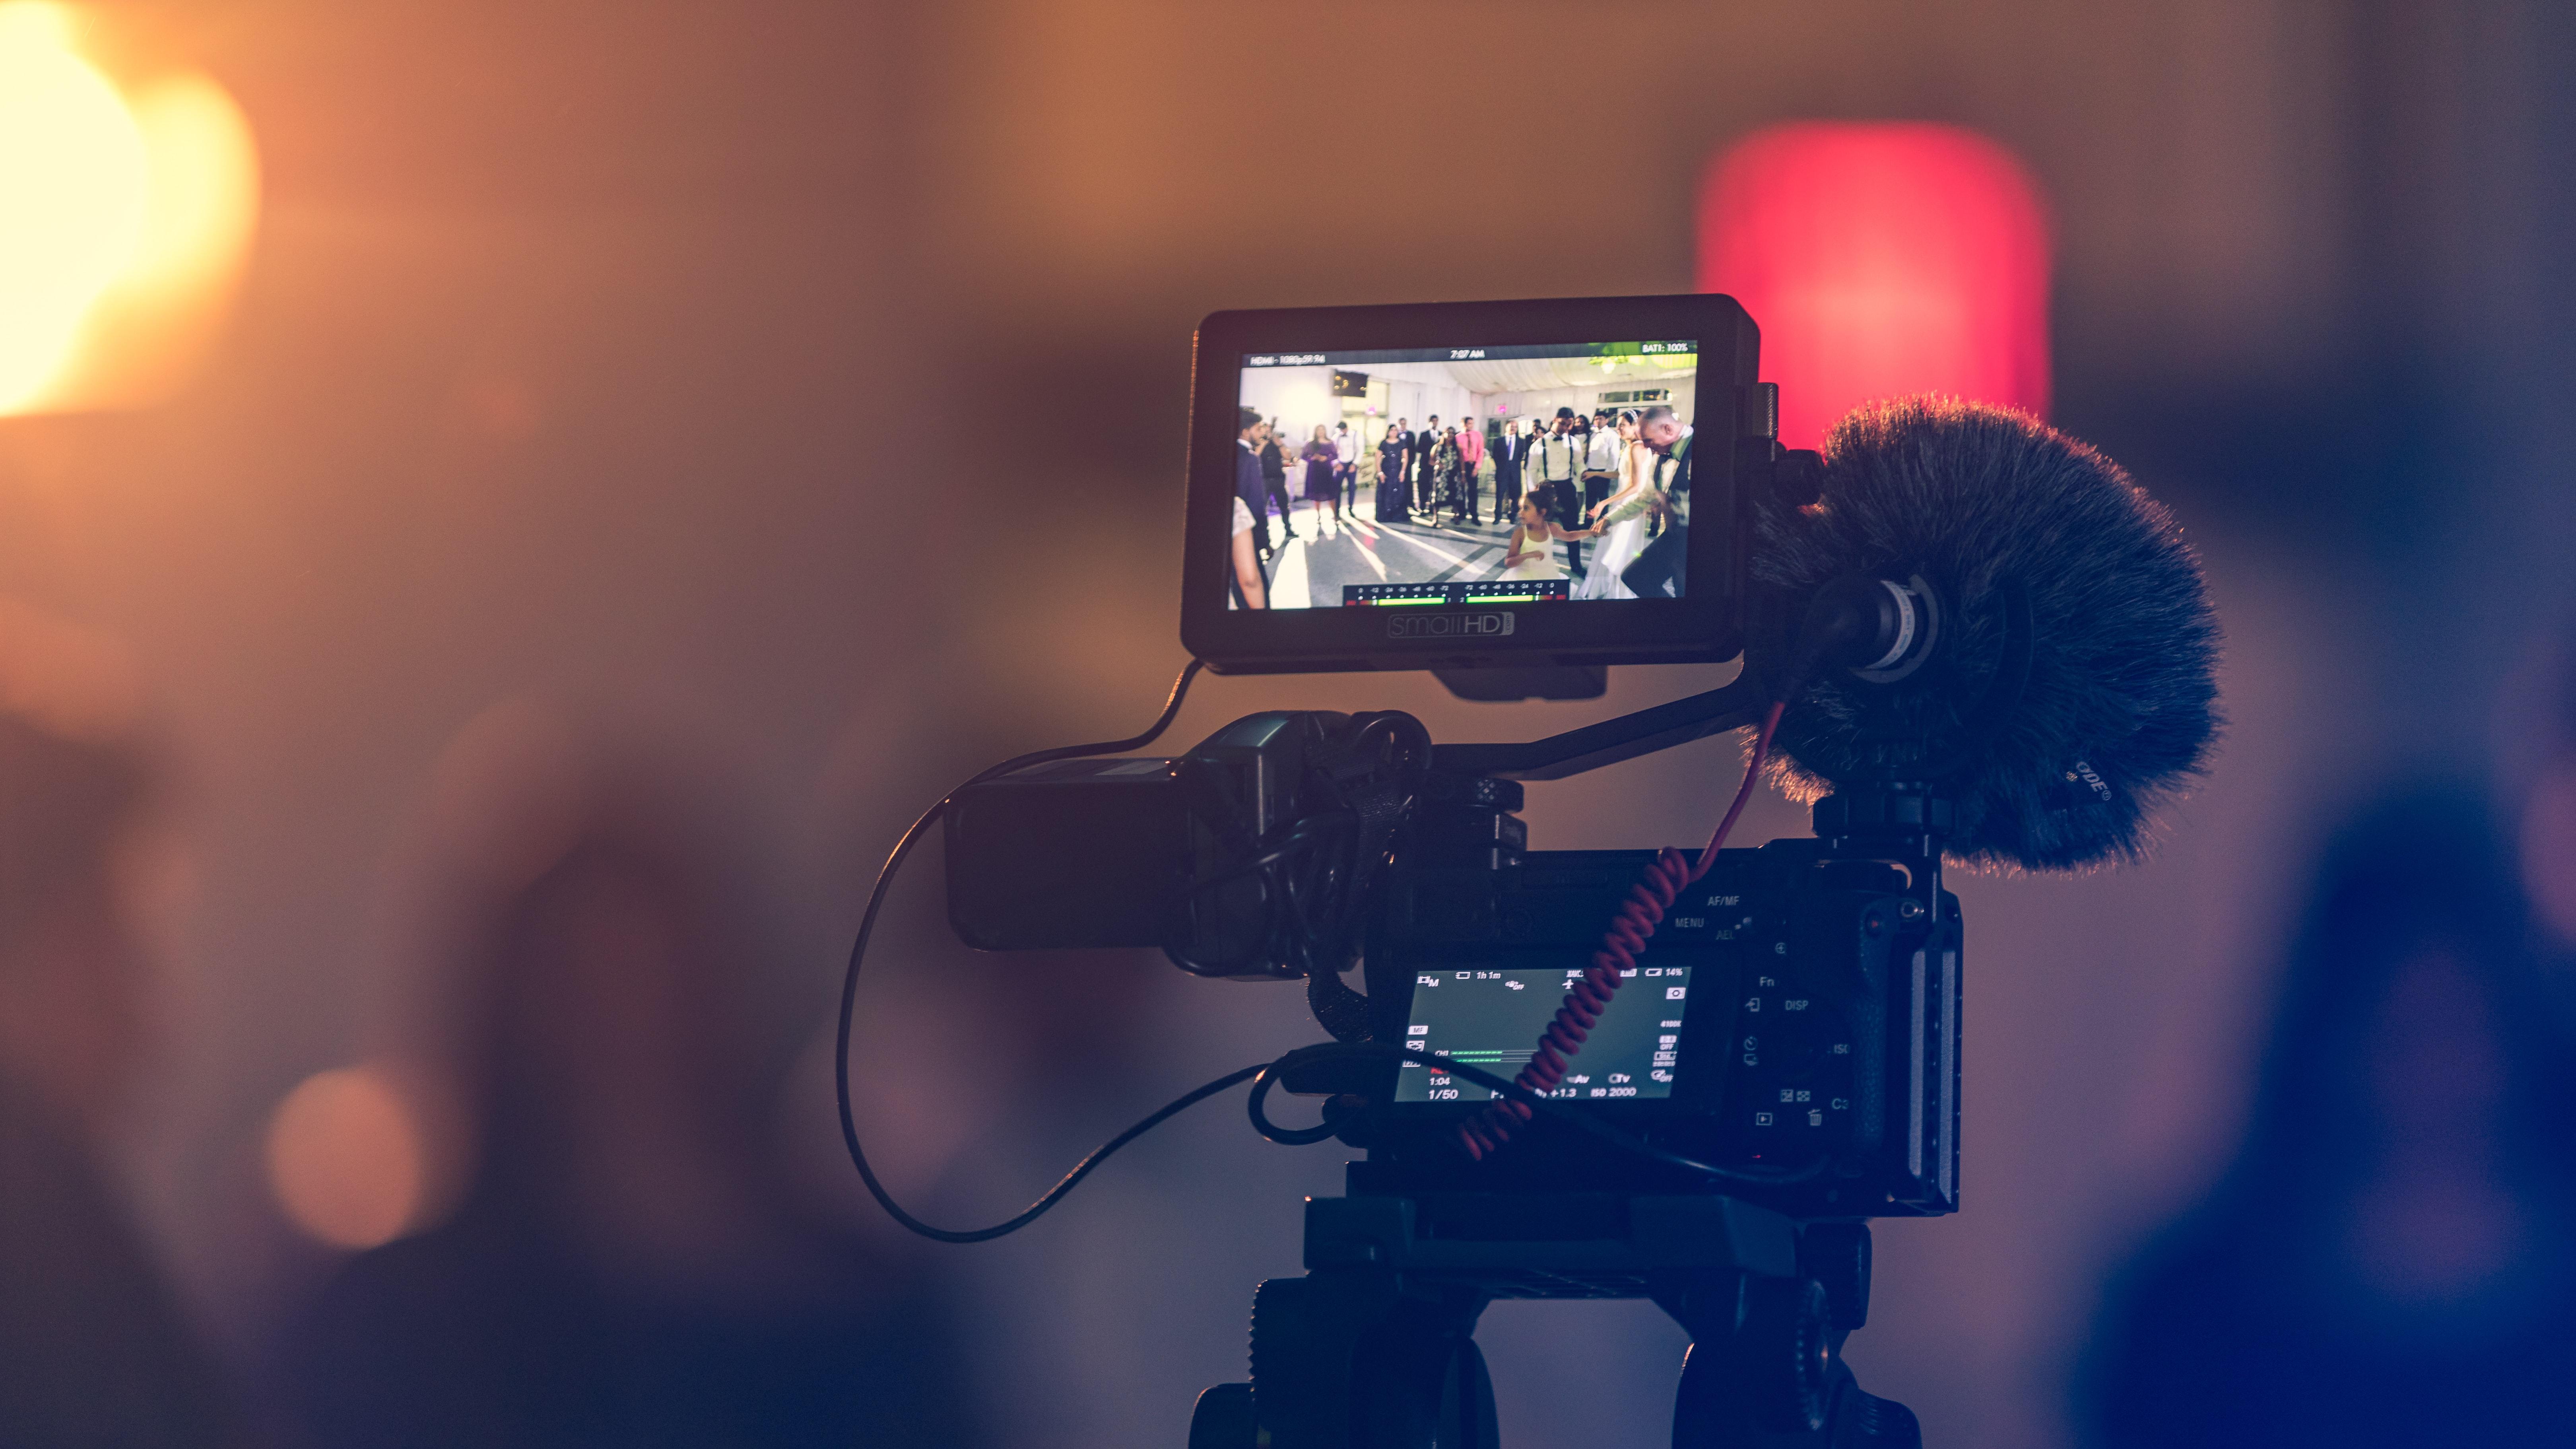 Closeup of film camera filming a scene